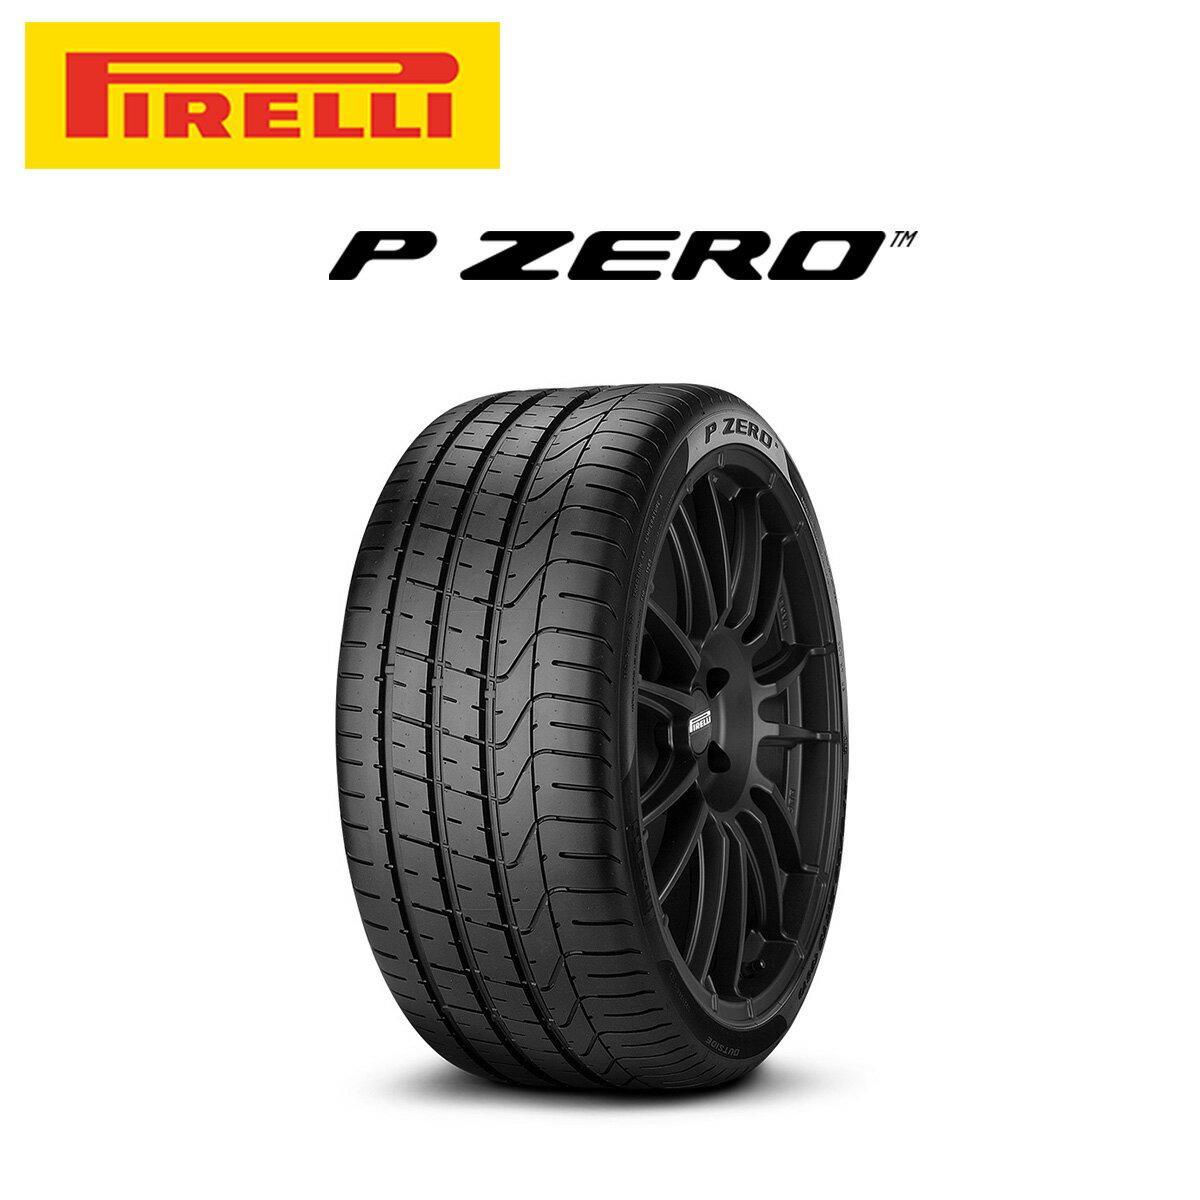 ピレリ PIRELLI P ZERO ピーゼロ 19インチ サマー タイヤ 1本 265/50R19 110Y XL N0:ポルシェ承認タイヤ 1804000